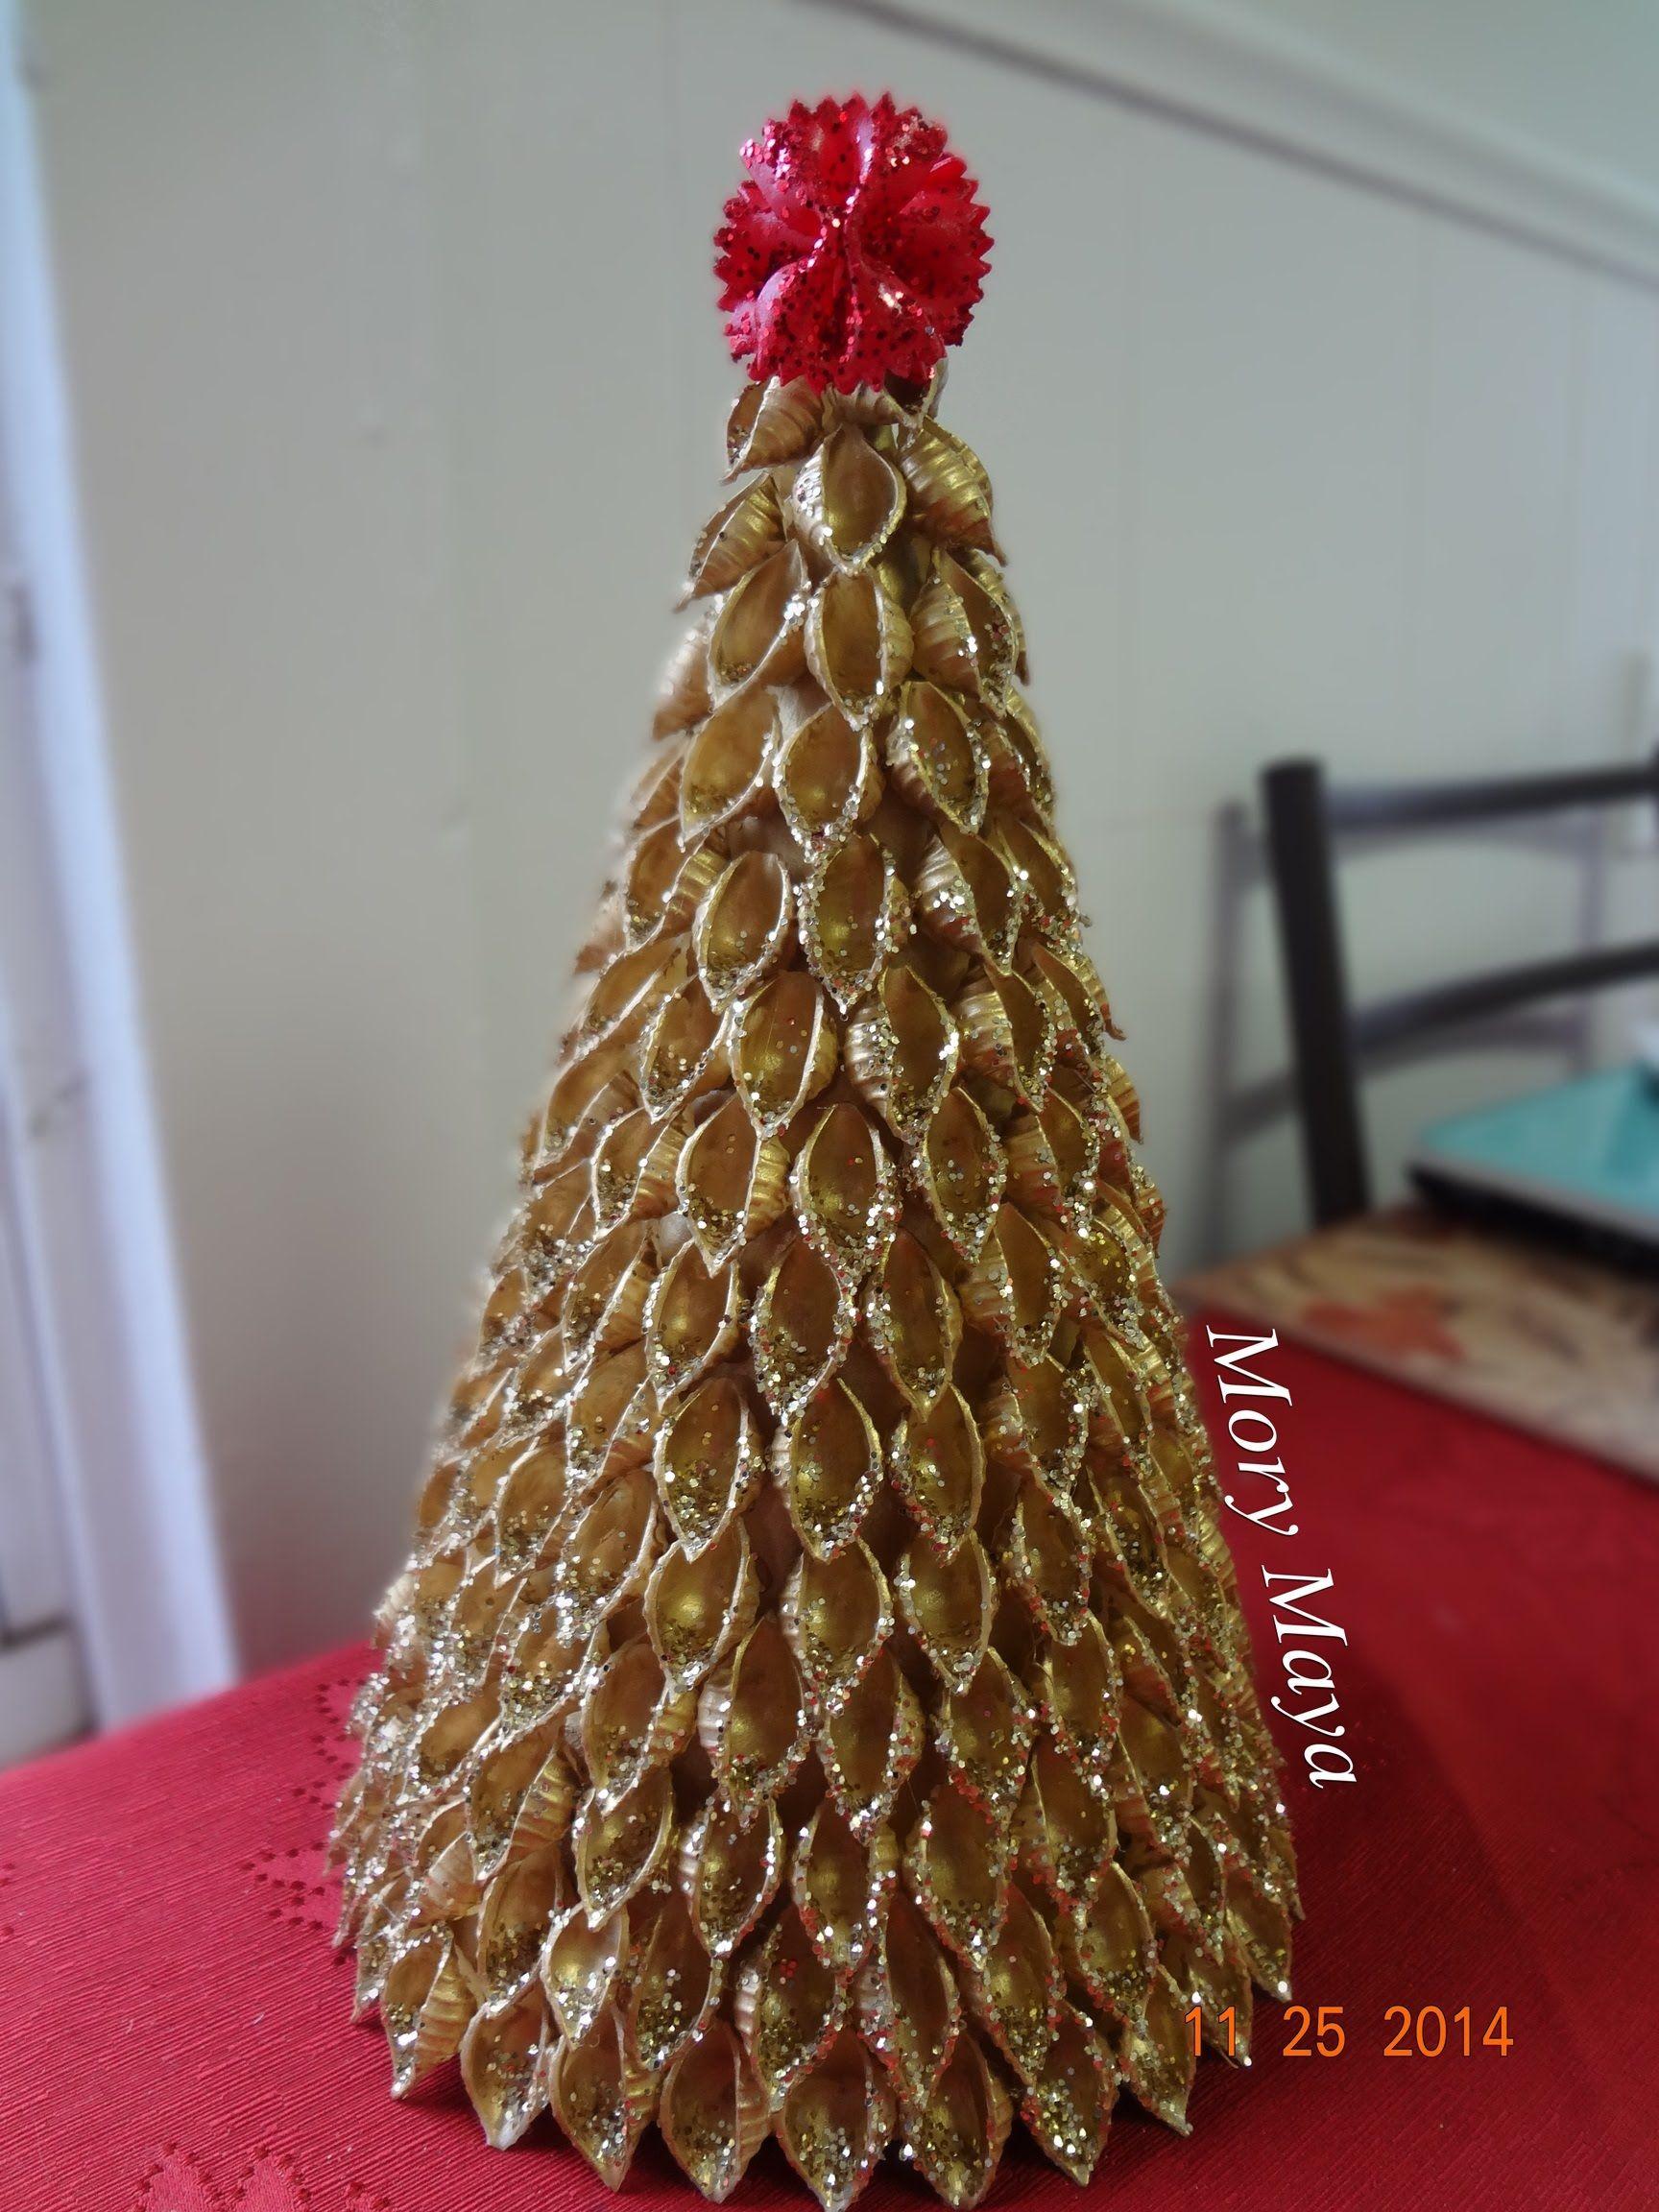 Como hacer un arbol navide o con pasta manualidades diy - Manualidades navidad arbol ...